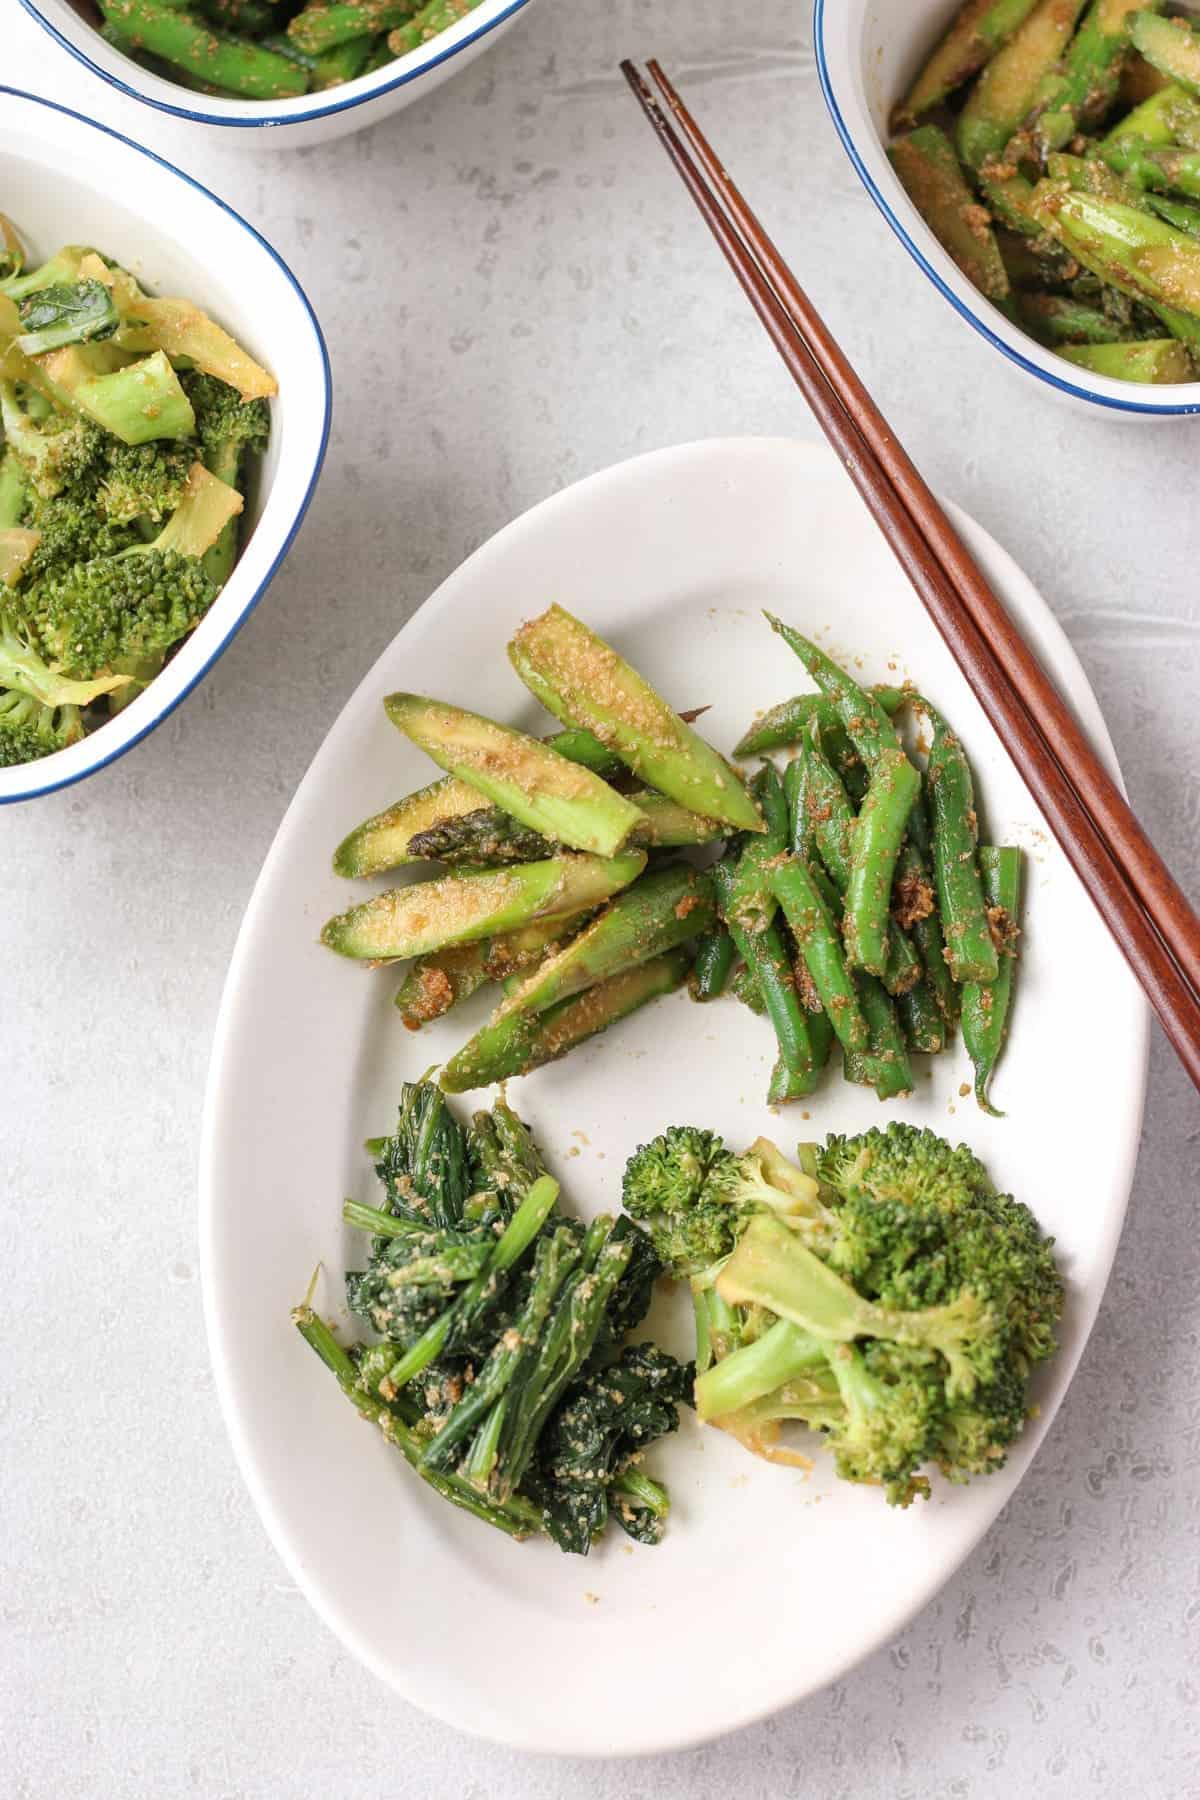 Gomaae Recipe (Japanese Goma Salad)